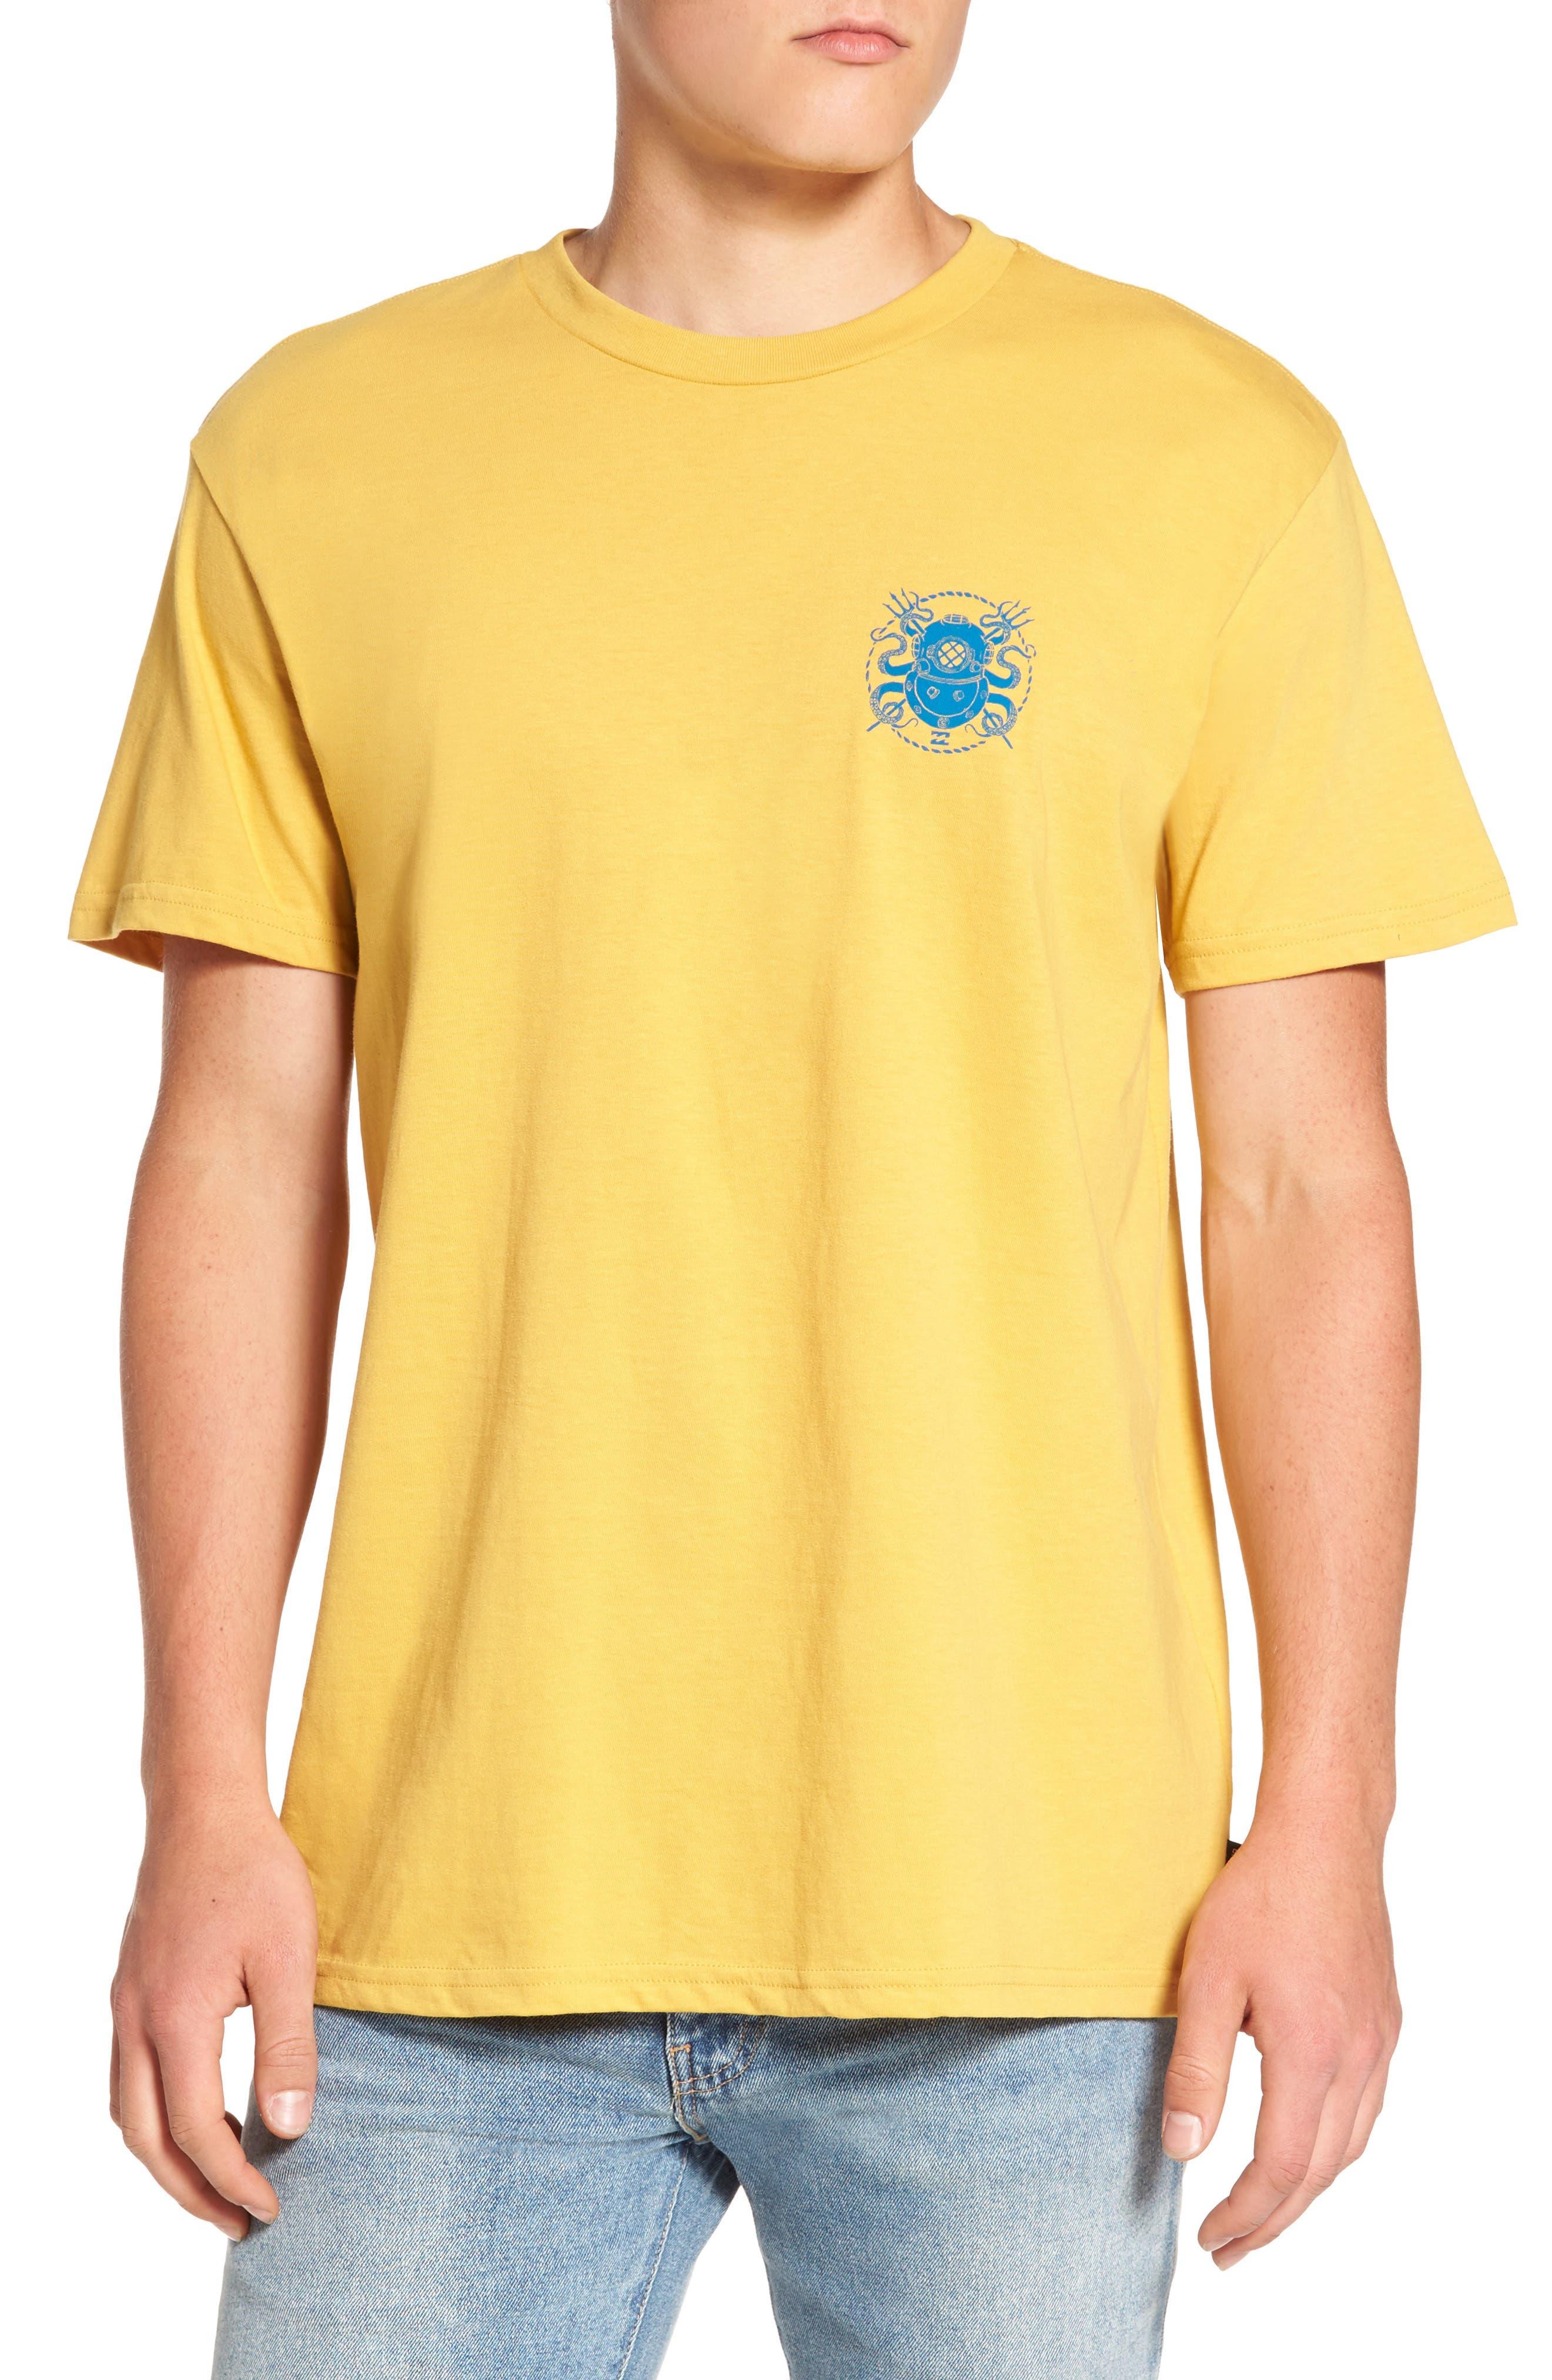 Main Image - Billabong Diver Graphic T-Shirt